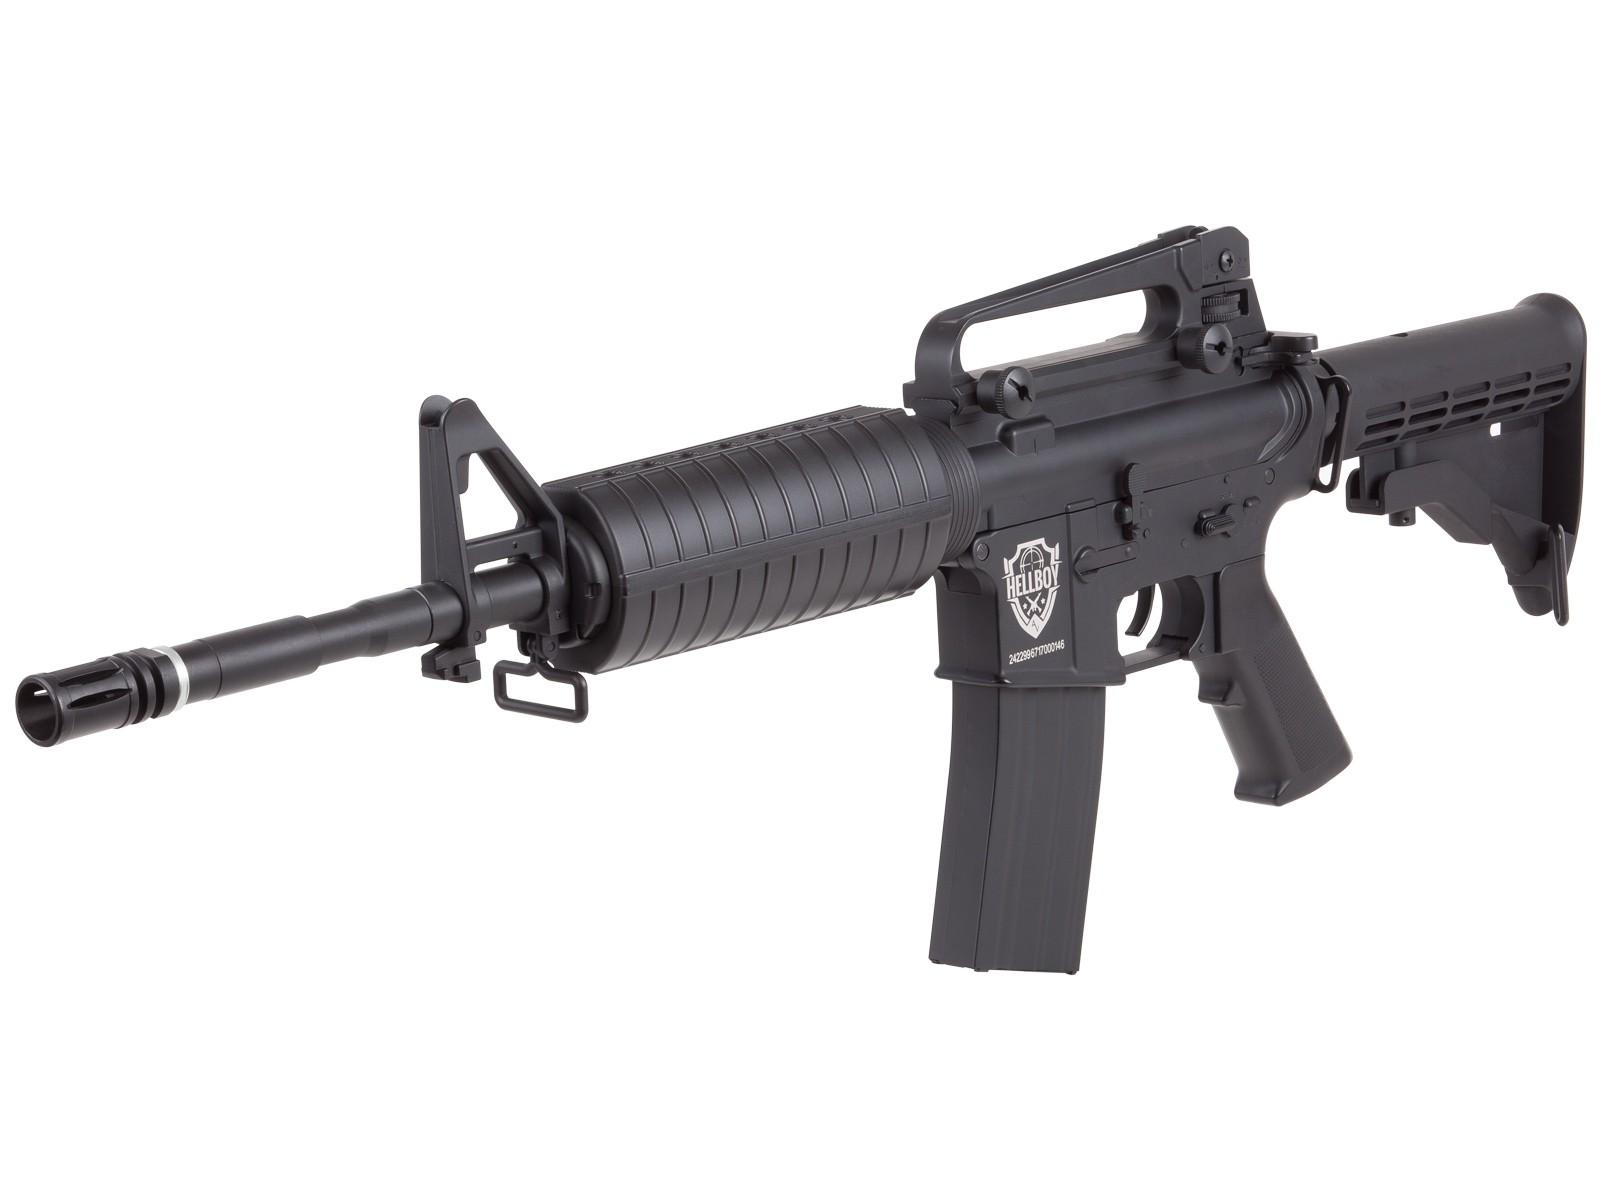 Cheap HellBoy .177 CO2 BB Tactical Air Rifle, Black 0.177